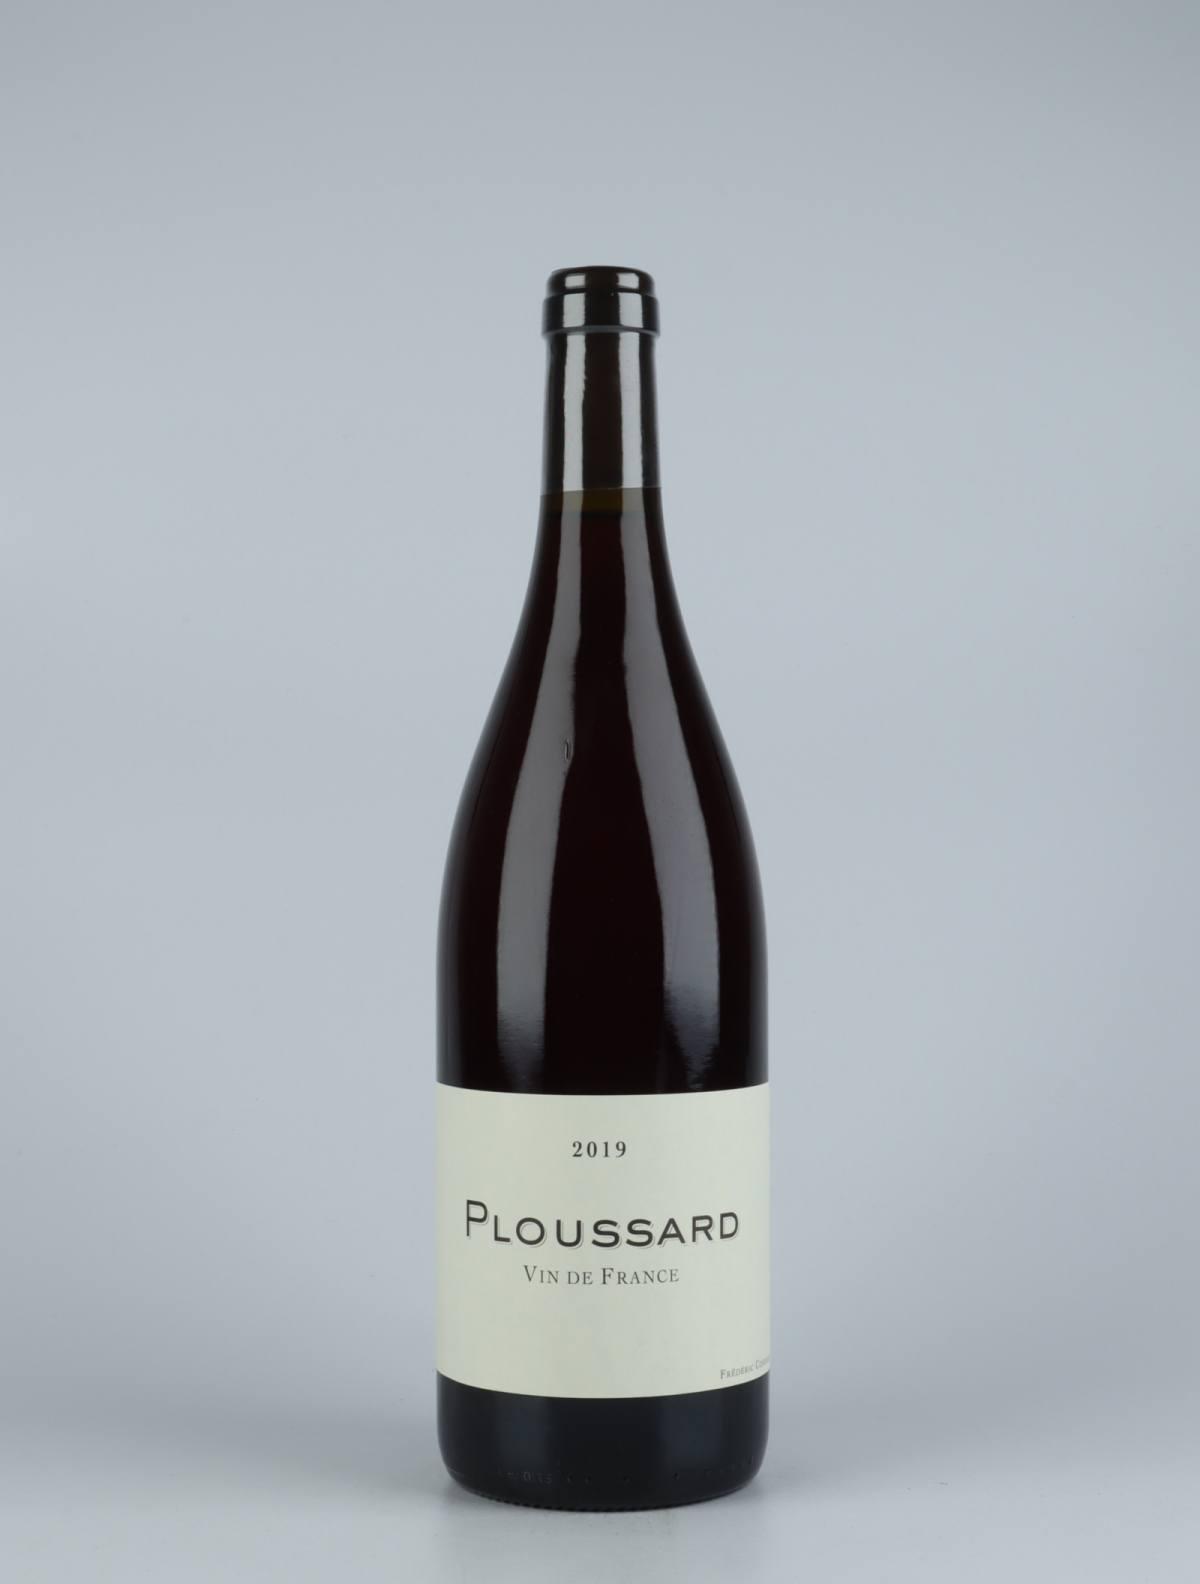 Ploussard